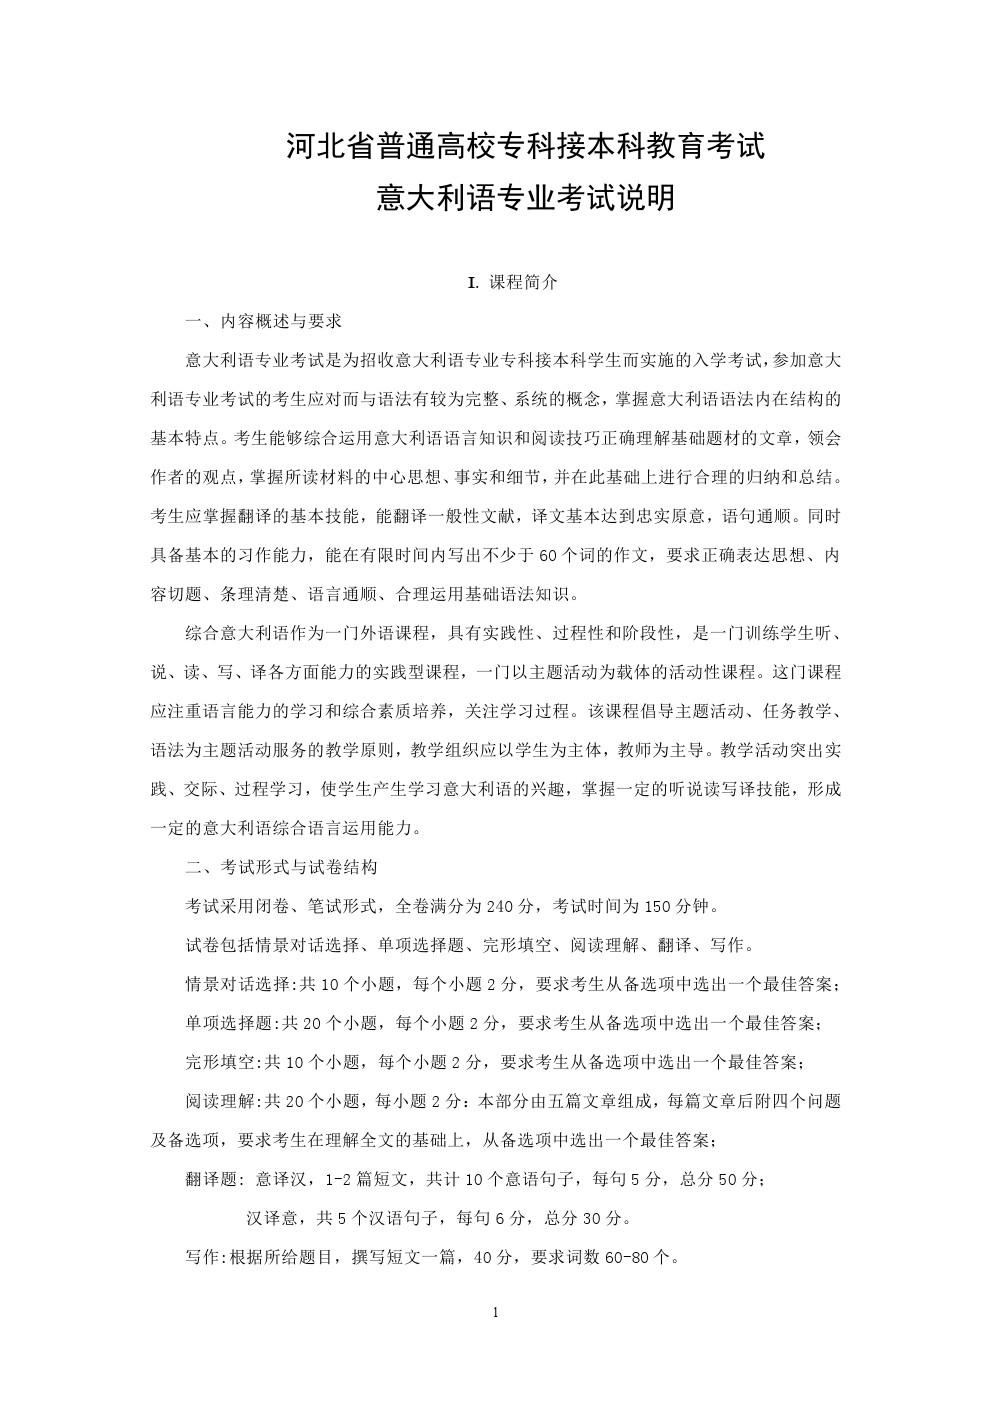 2020年河北省专接本考试外语类-意大利语专业考试说明